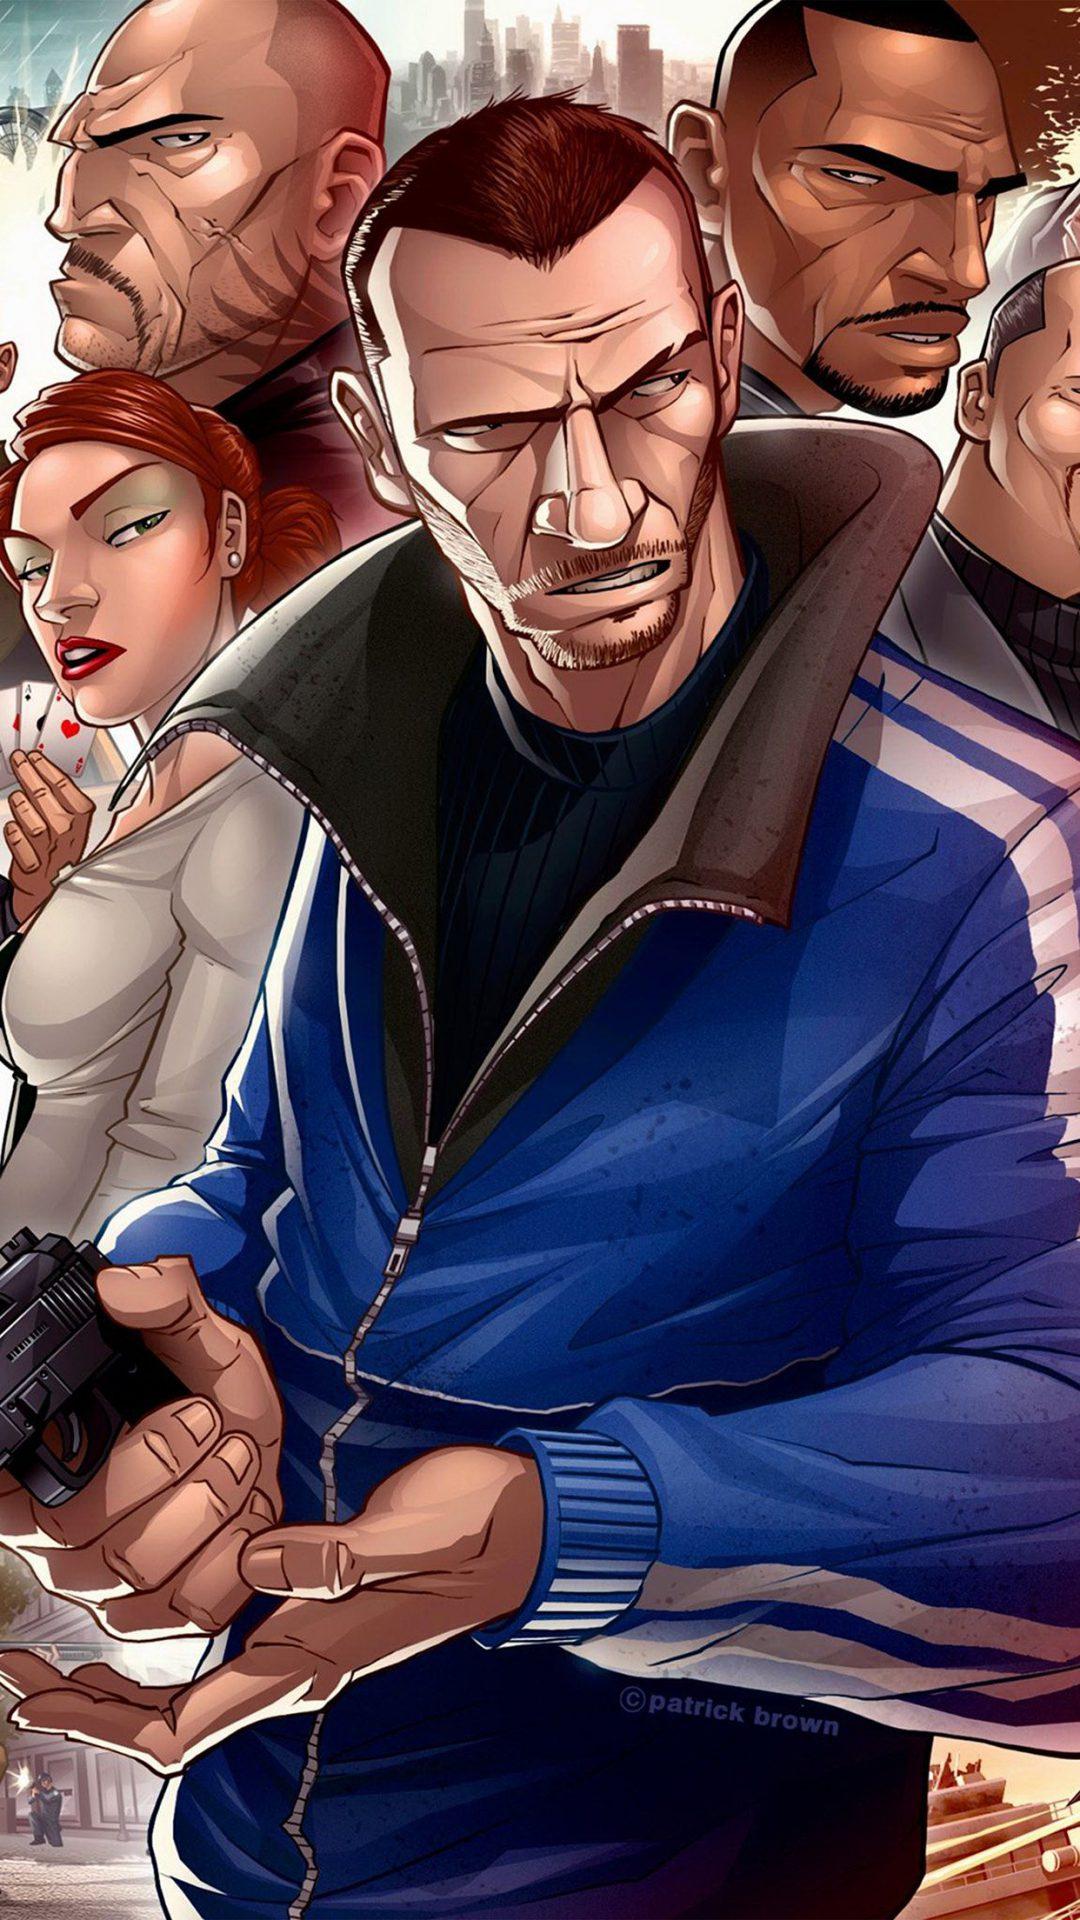 Gta Game Art Illustration Art